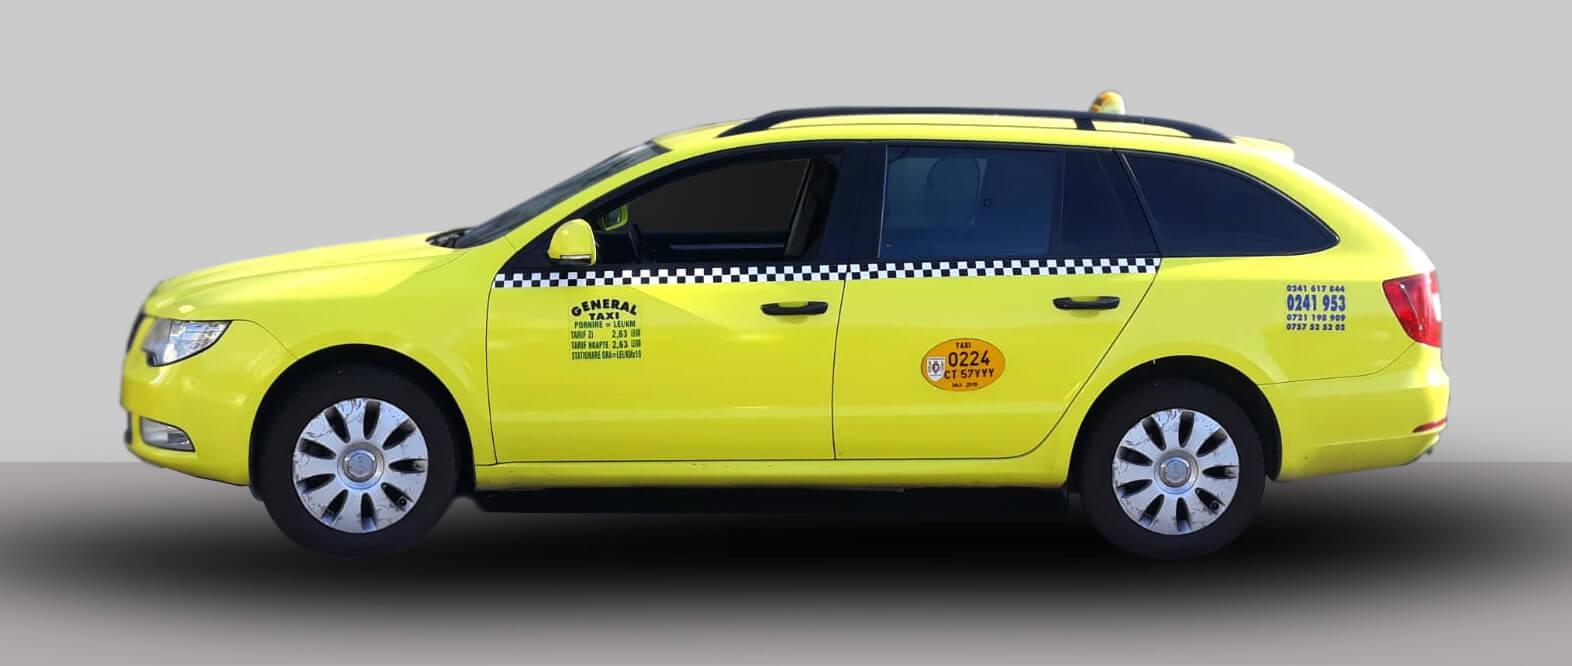 Generaltaxi Car